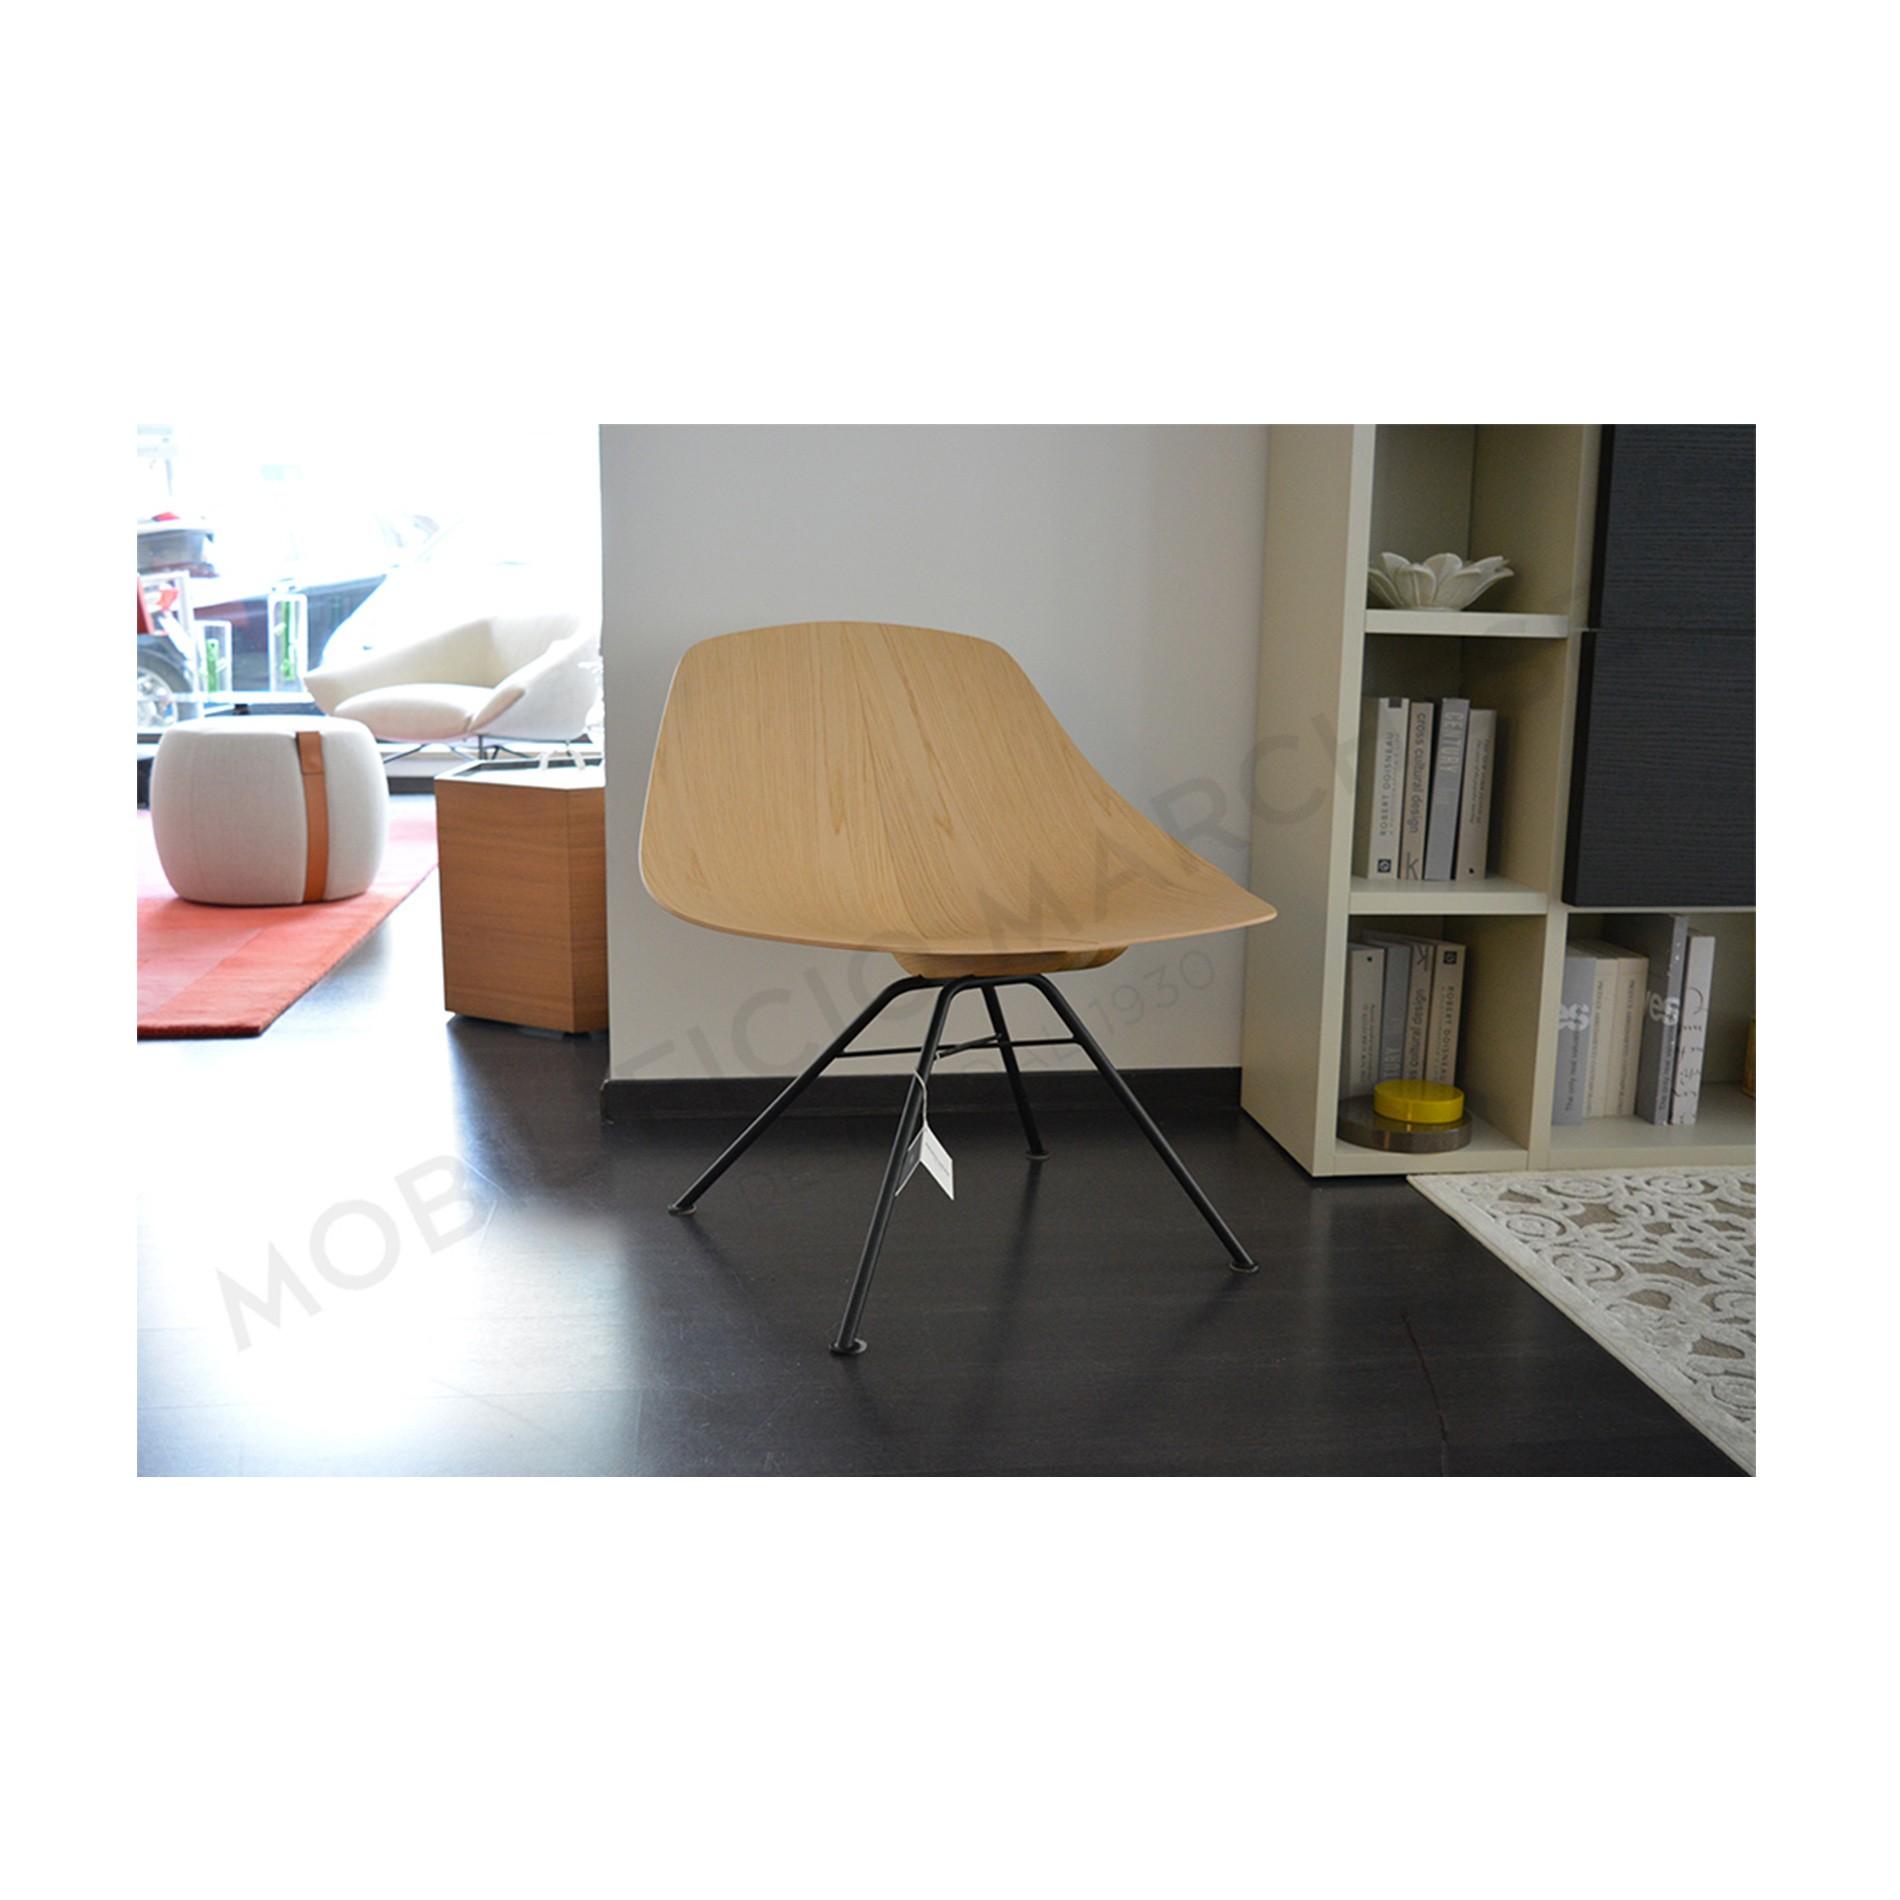 lennox armchair. zoom full screen lennox armchair